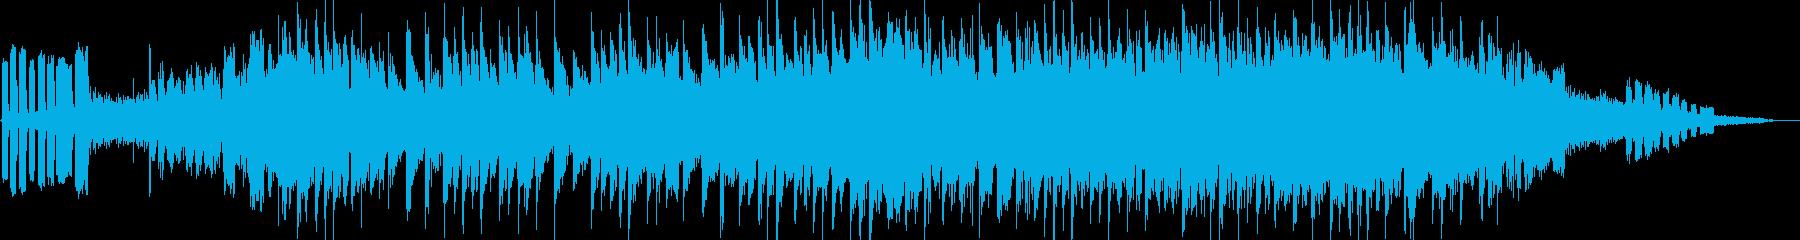 ポップ テクノ モダン ファンク ...の再生済みの波形